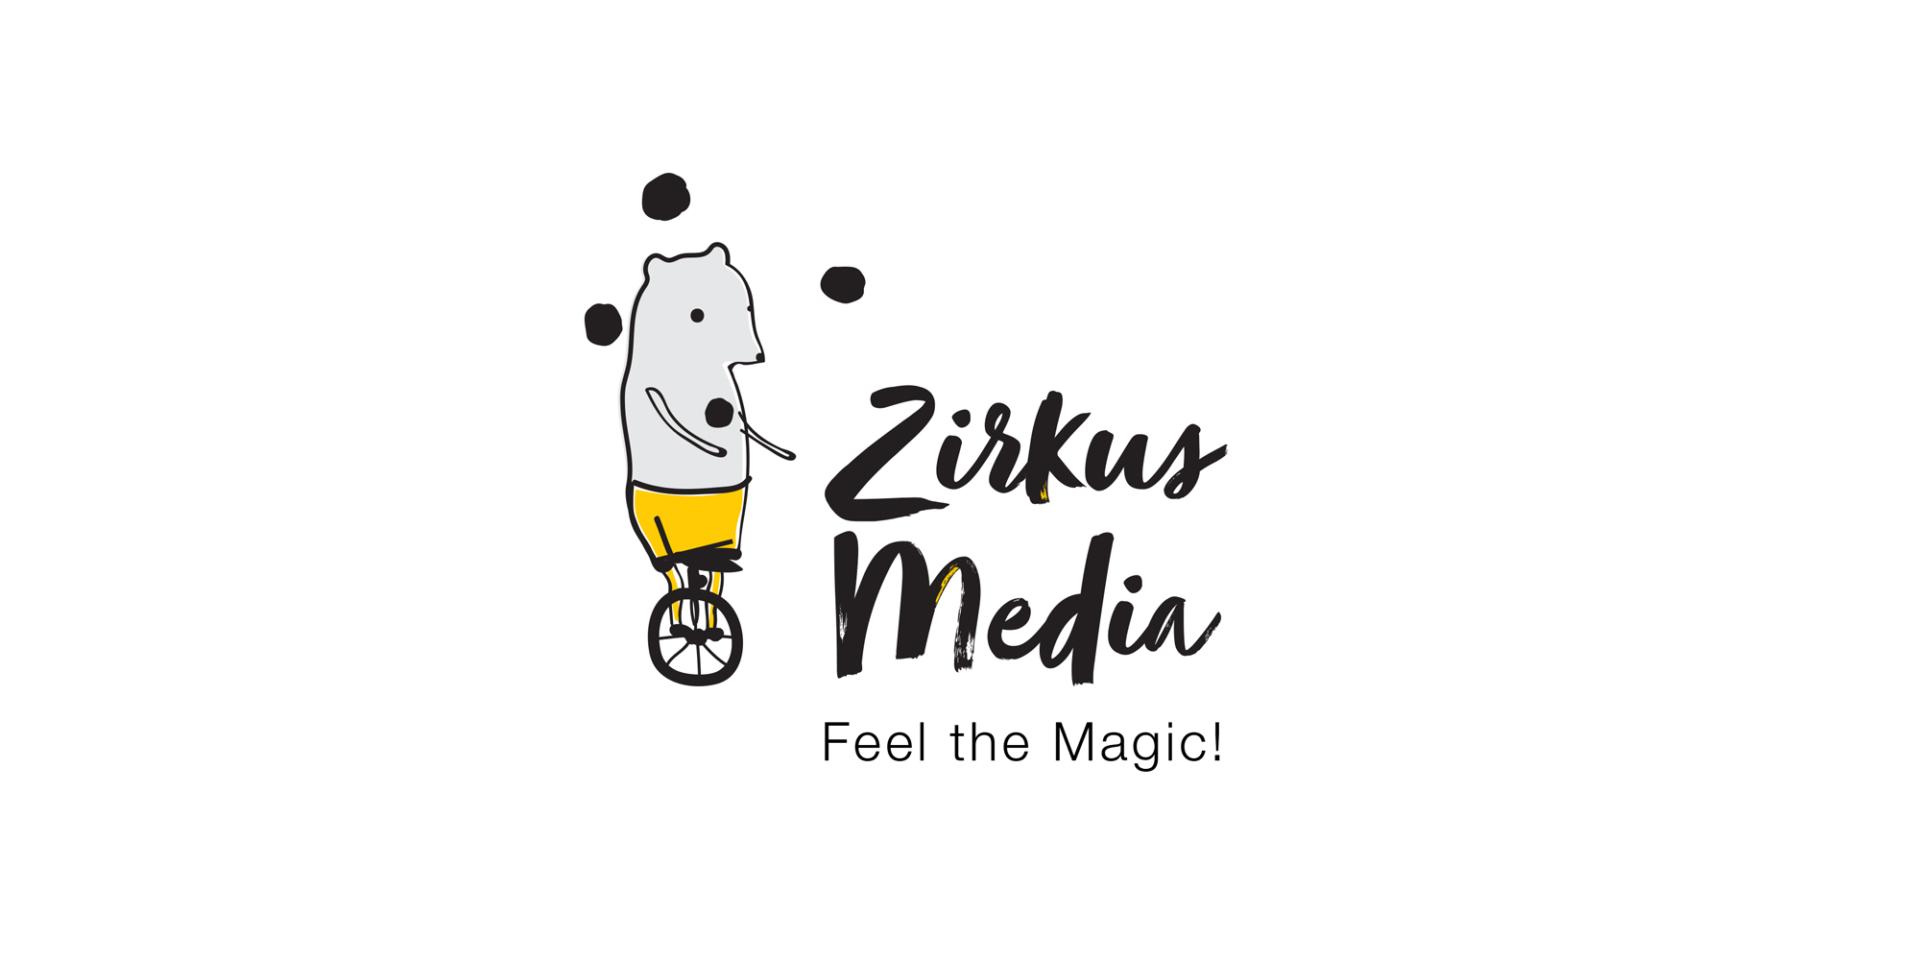 Zirkus Brand Design